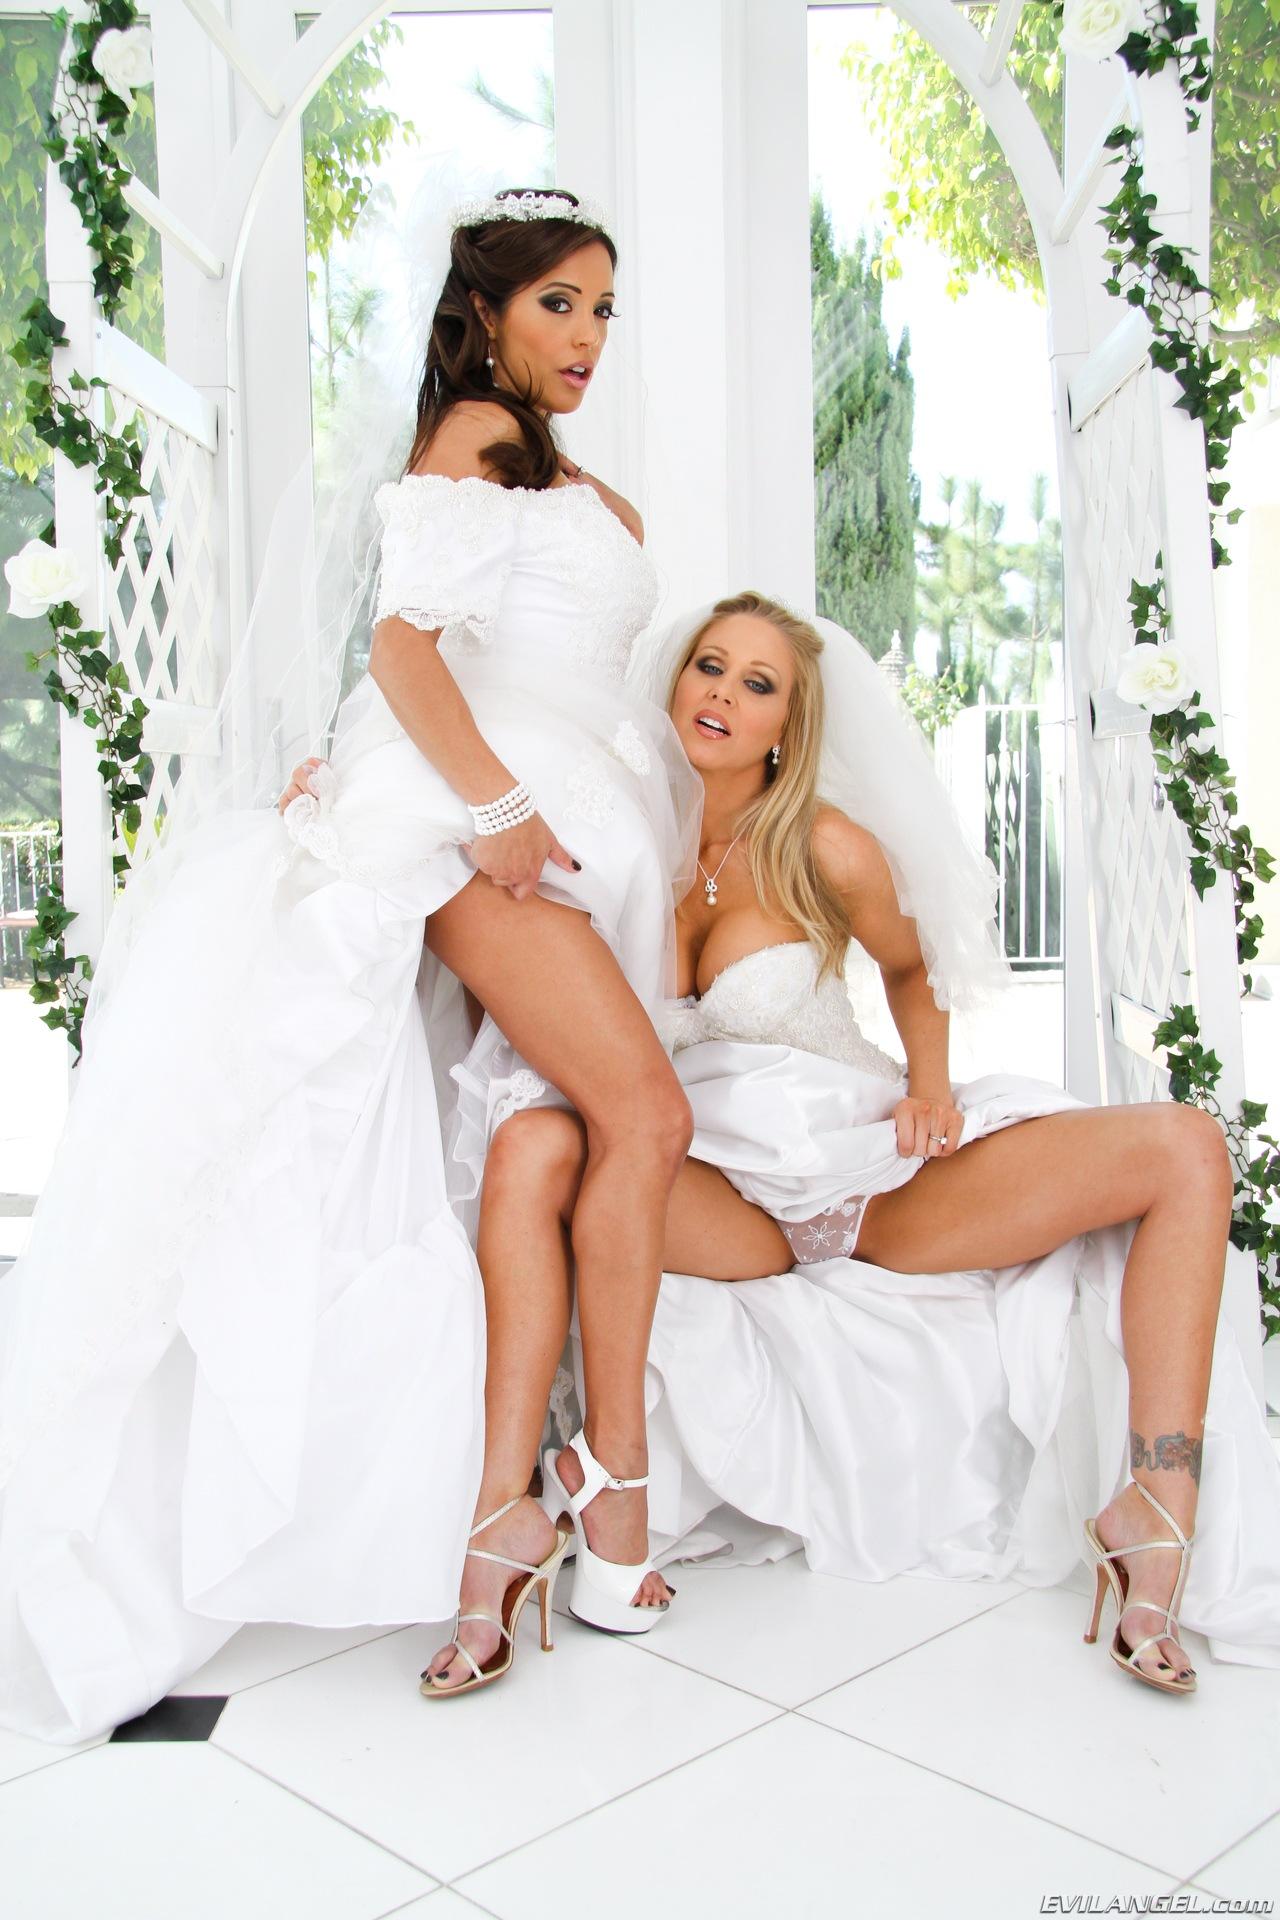 Свадьбы лесбиянок фото 3 фотография